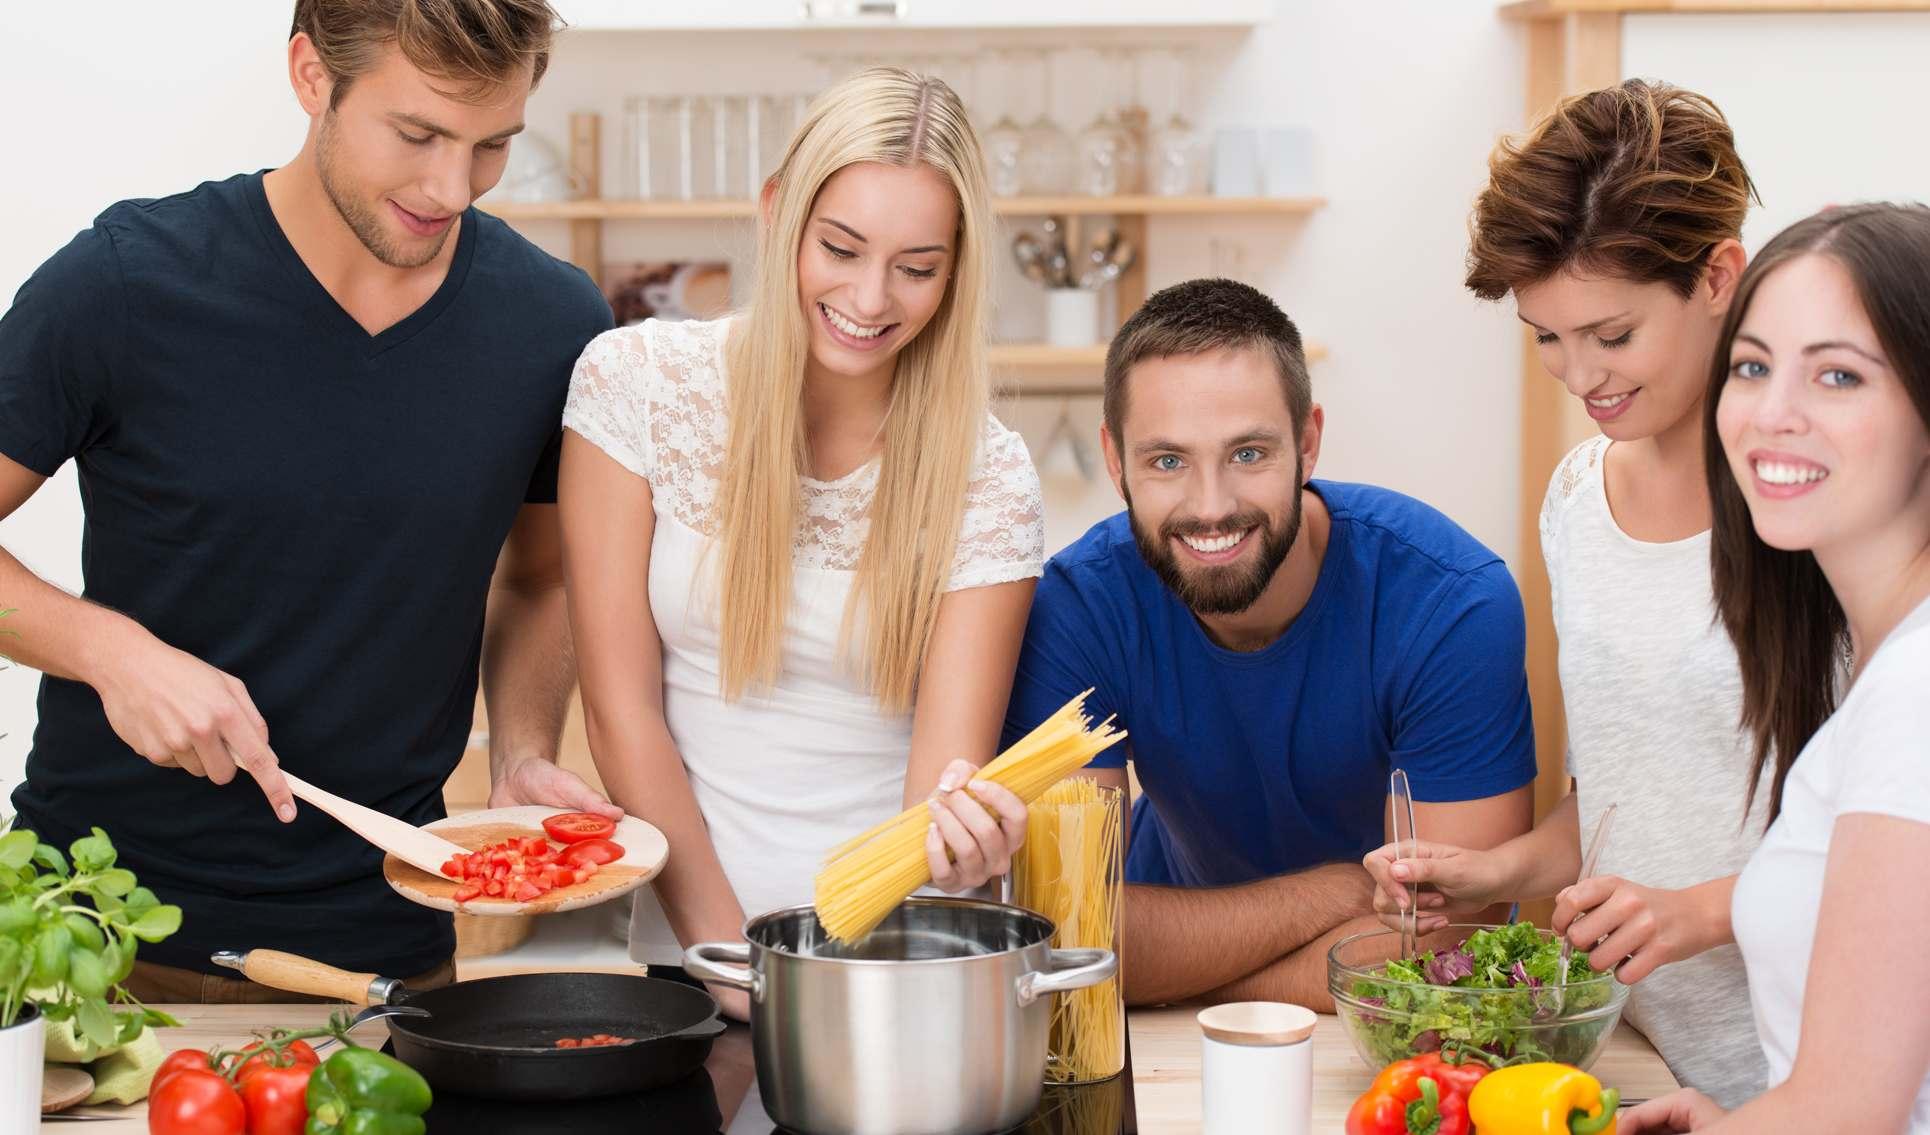 סדנאות בישול לגיבוש צוותים וימי כיף